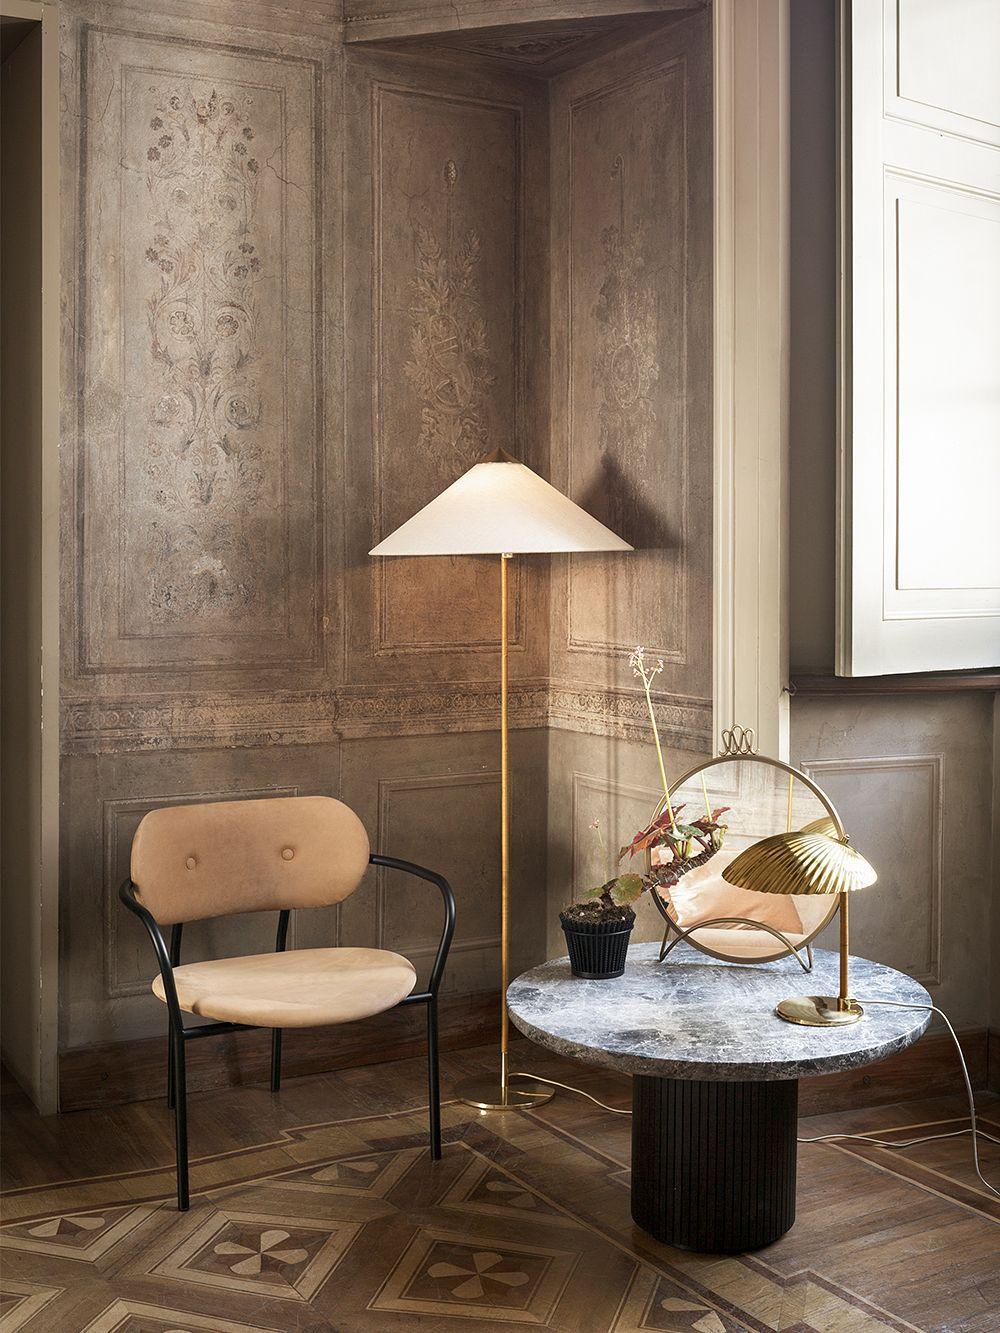 Paavo Tynellin suunnittelemat elegantit valaisimet, 5321 -pöytävalaisin ja 9602-lattiavalaisin, olohuoneen sisustuksessa.